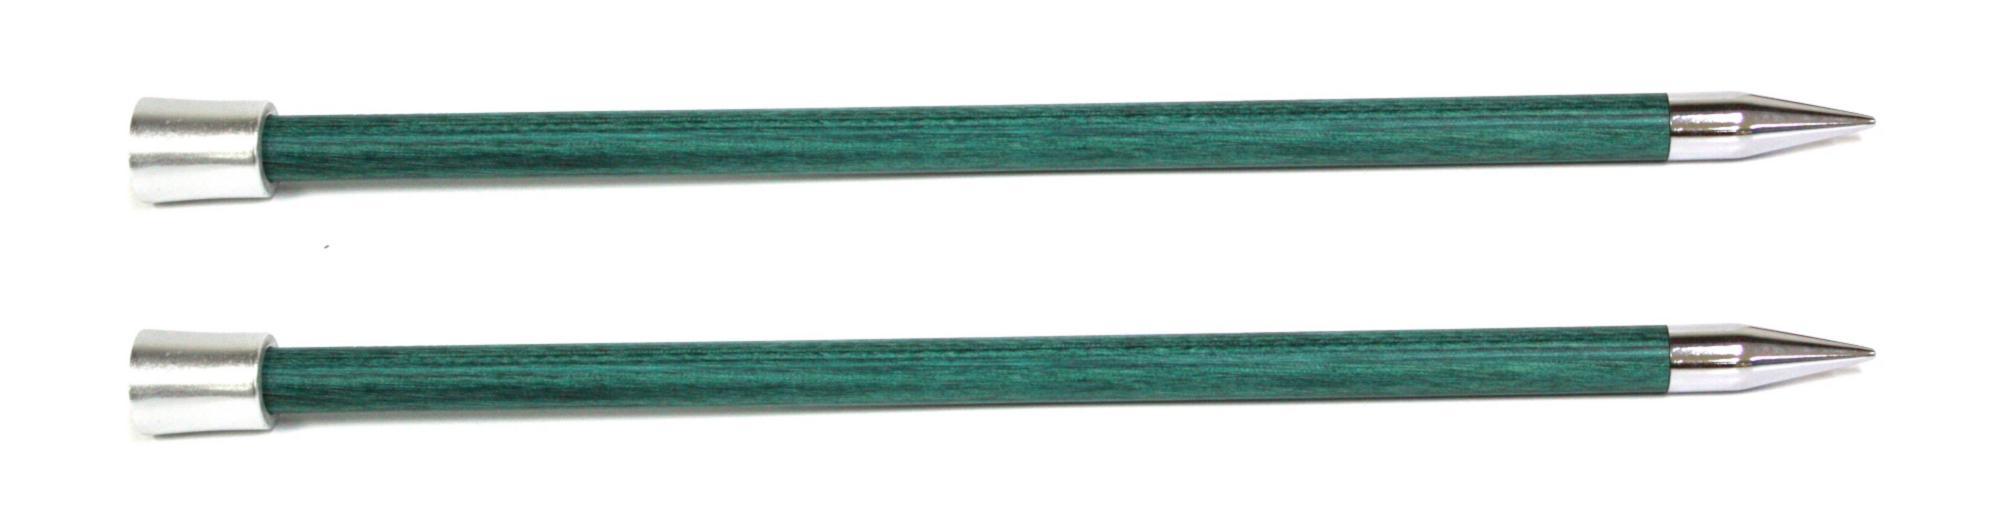 Спицы прямые 35 см Royale KnitPro, 29224, 10.00 мм